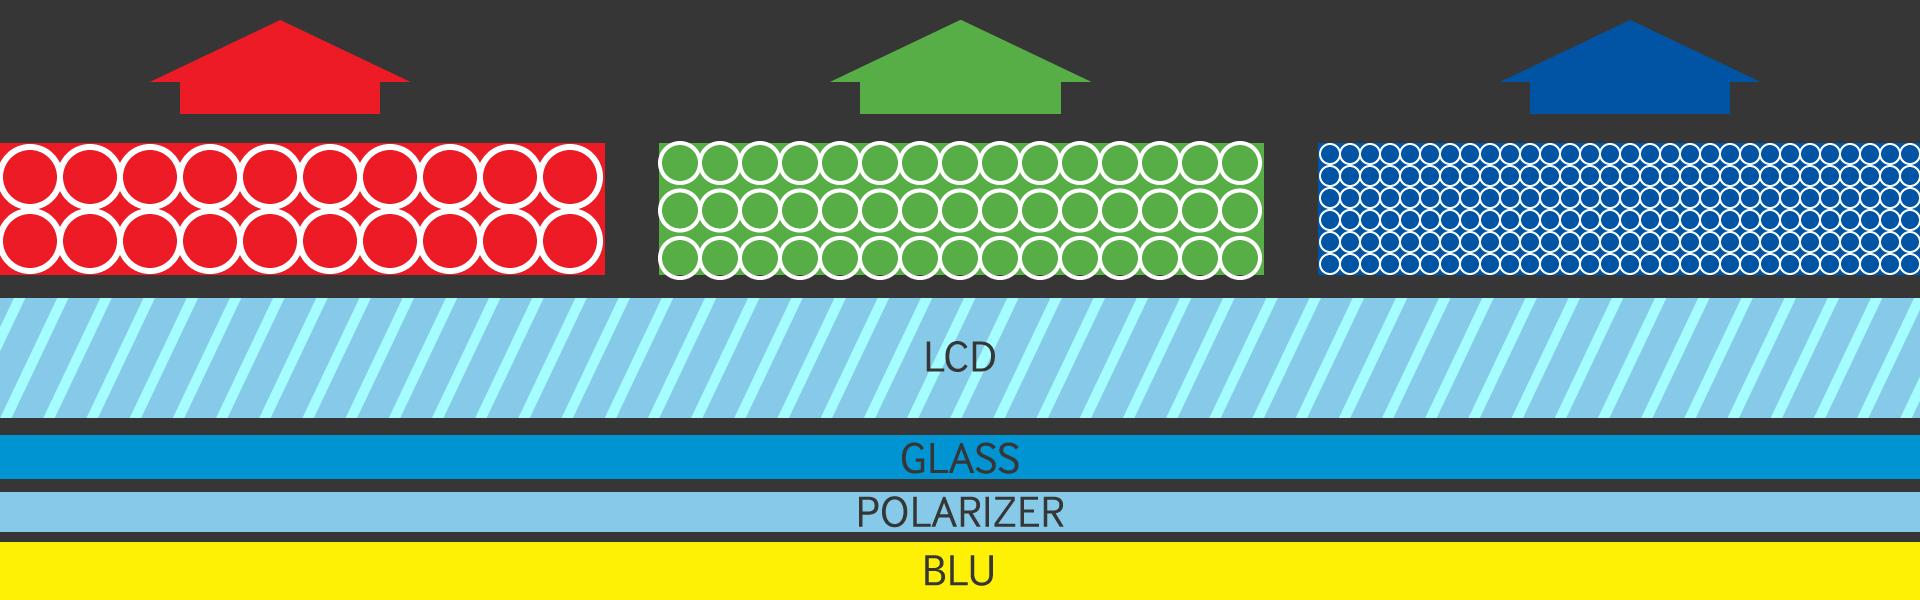 infografia capas